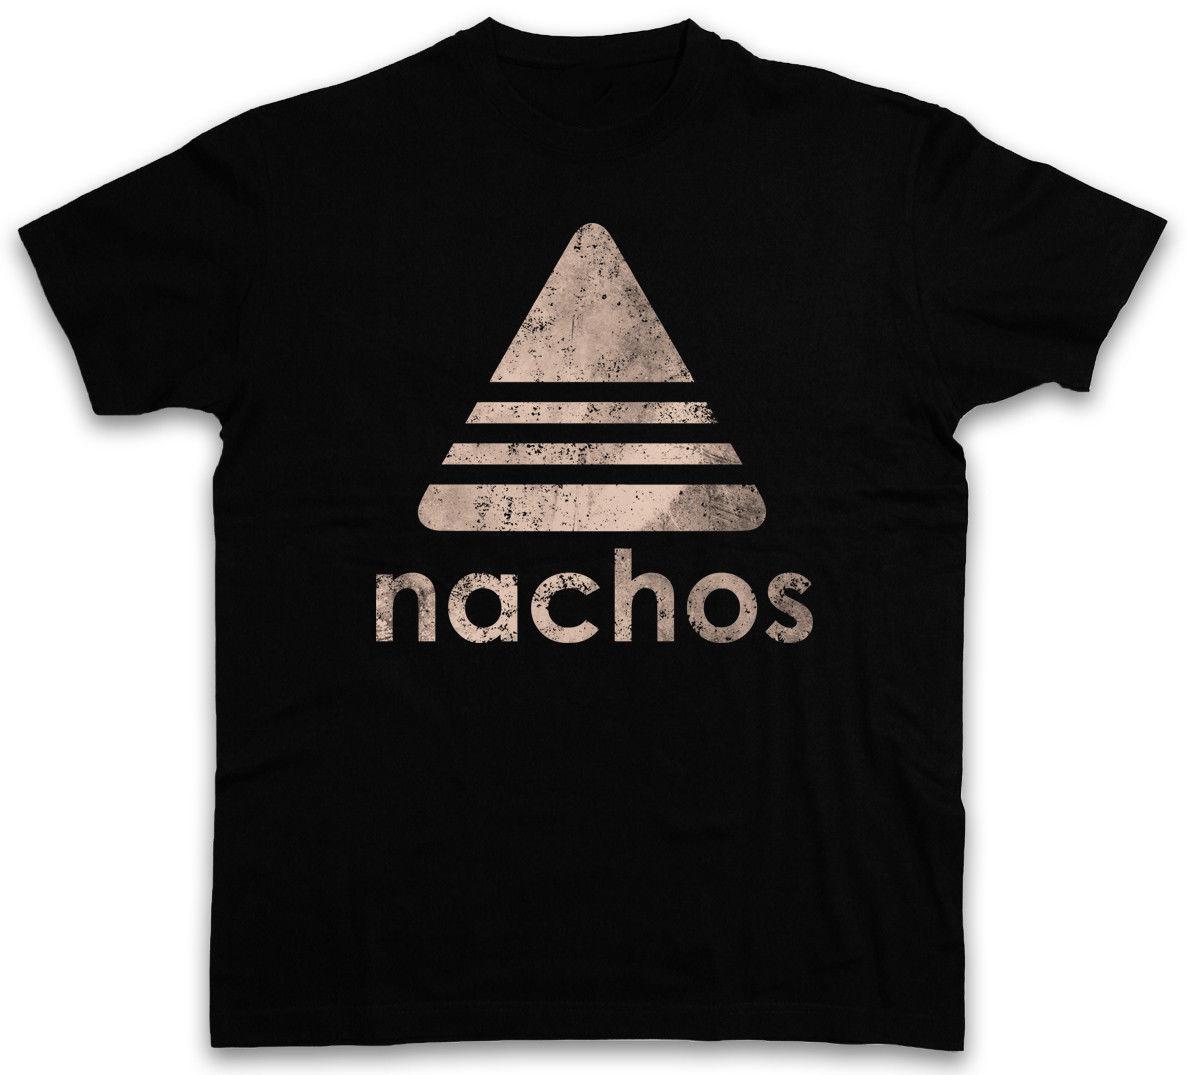 NACHOS T-SHIRT Eğlenceli Cips Addicted Diyet yağ Peynir Tortiallas Tombul tshirt sıcak yeni moda en ücretsiz kargo 2018 officia gömlek